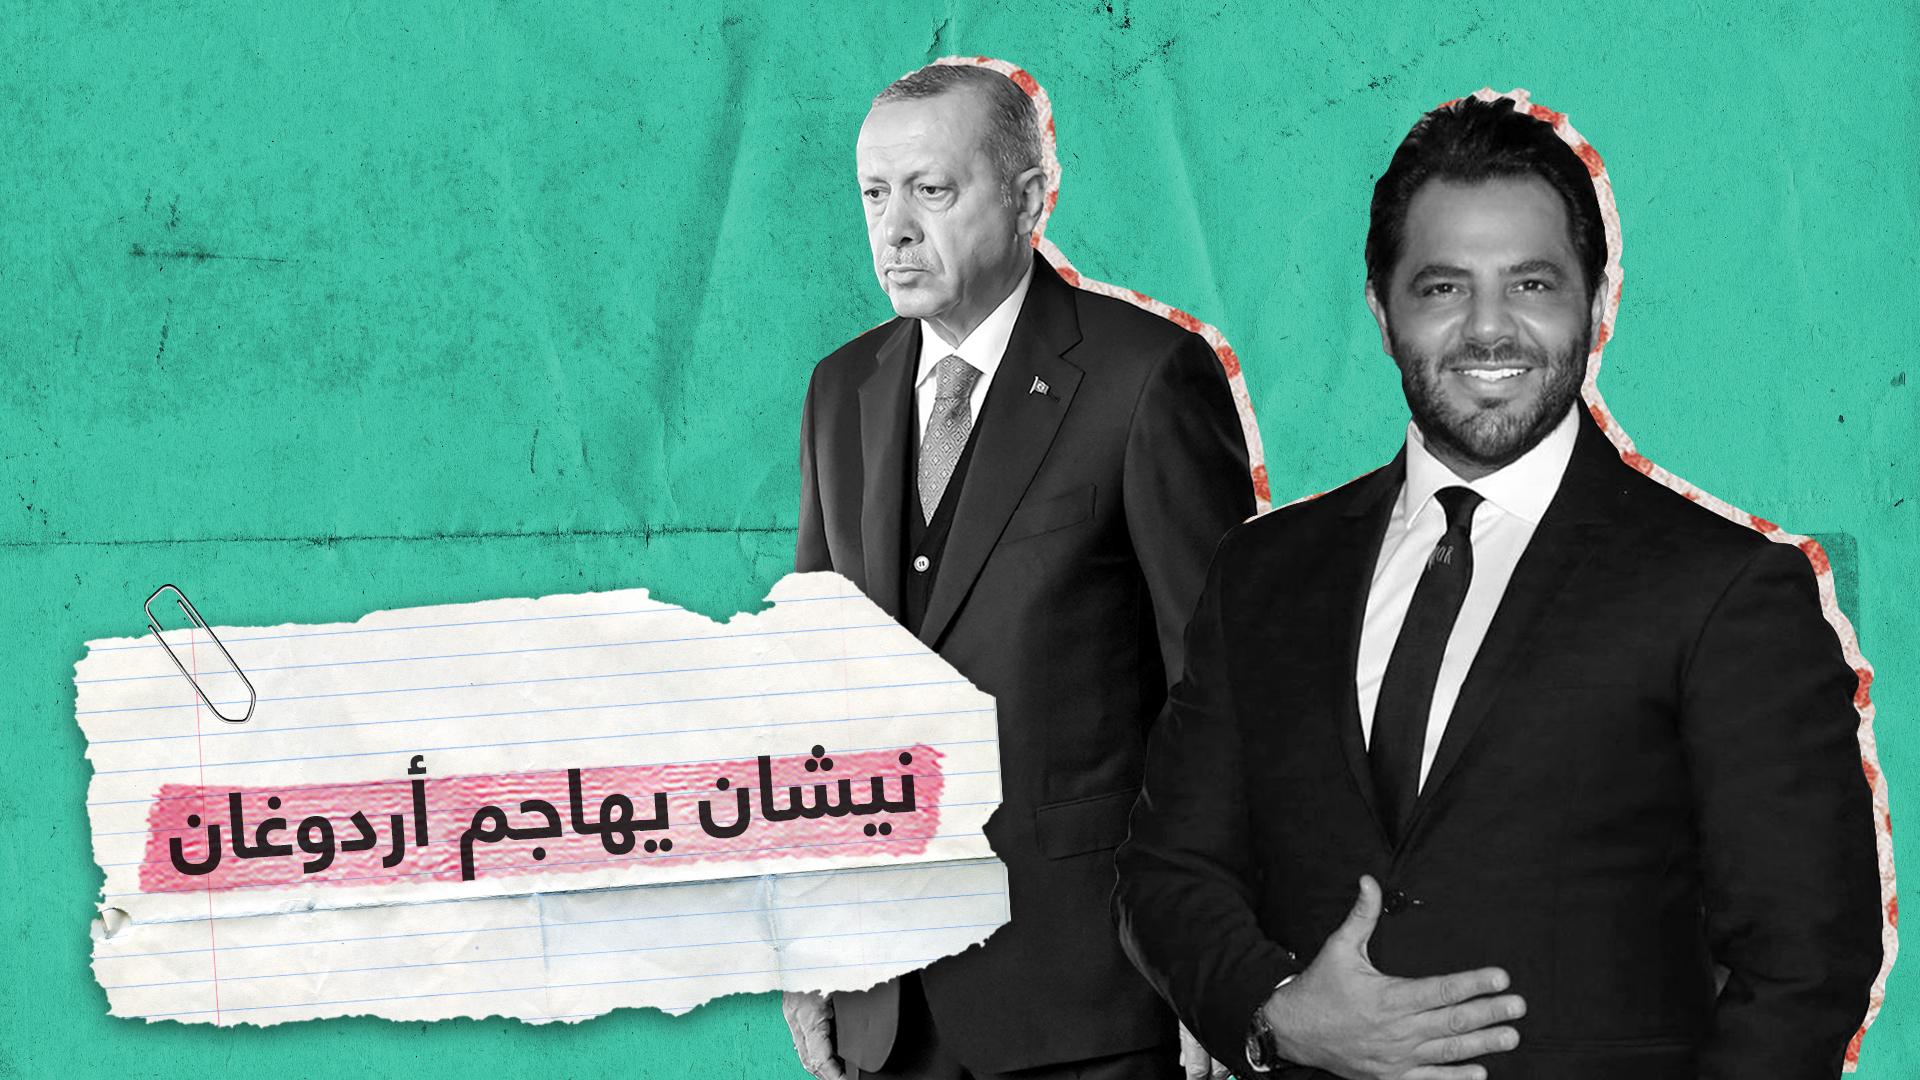 الإعلامي اللبناني نيشان يثير الجدل بعد وصفه للرئيس التركي بـ